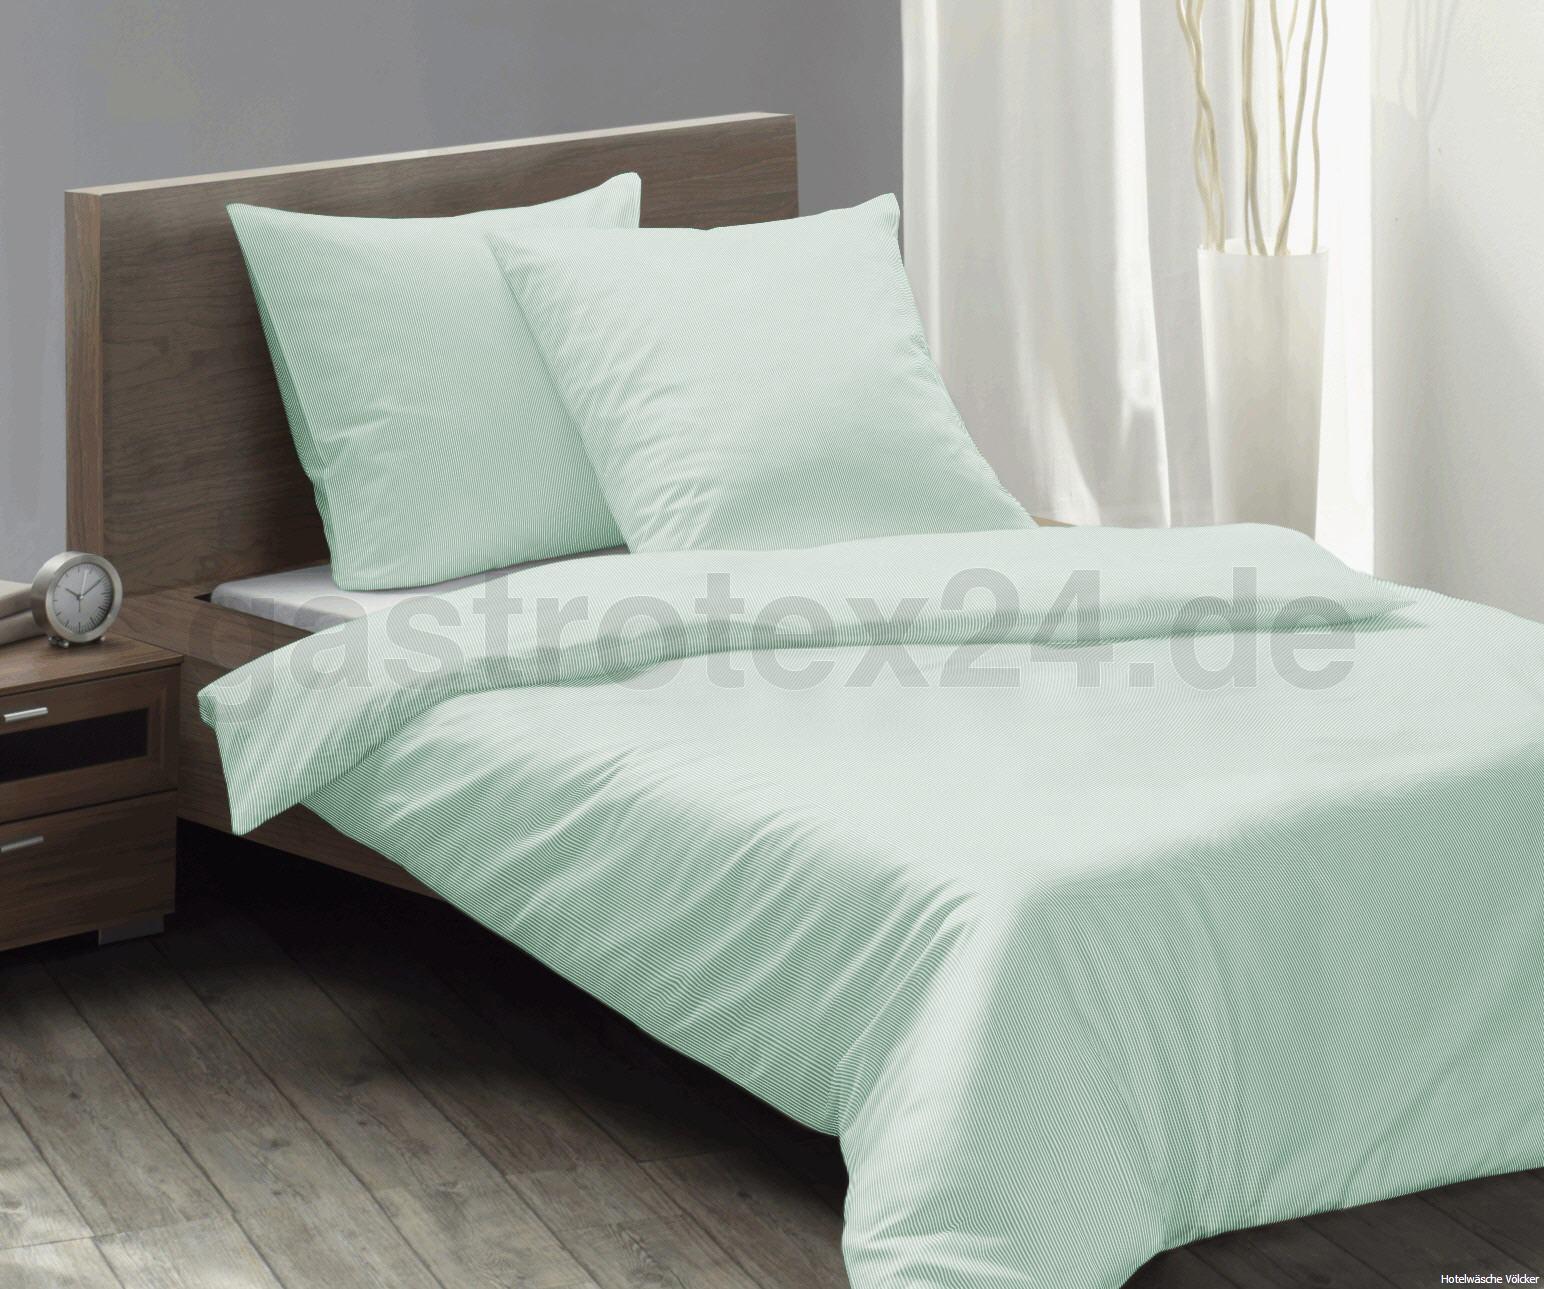 hotel bettw sche garda 2 mm feinstreifen farbe sekt gelb blau apricot mintgr n 100. Black Bedroom Furniture Sets. Home Design Ideas